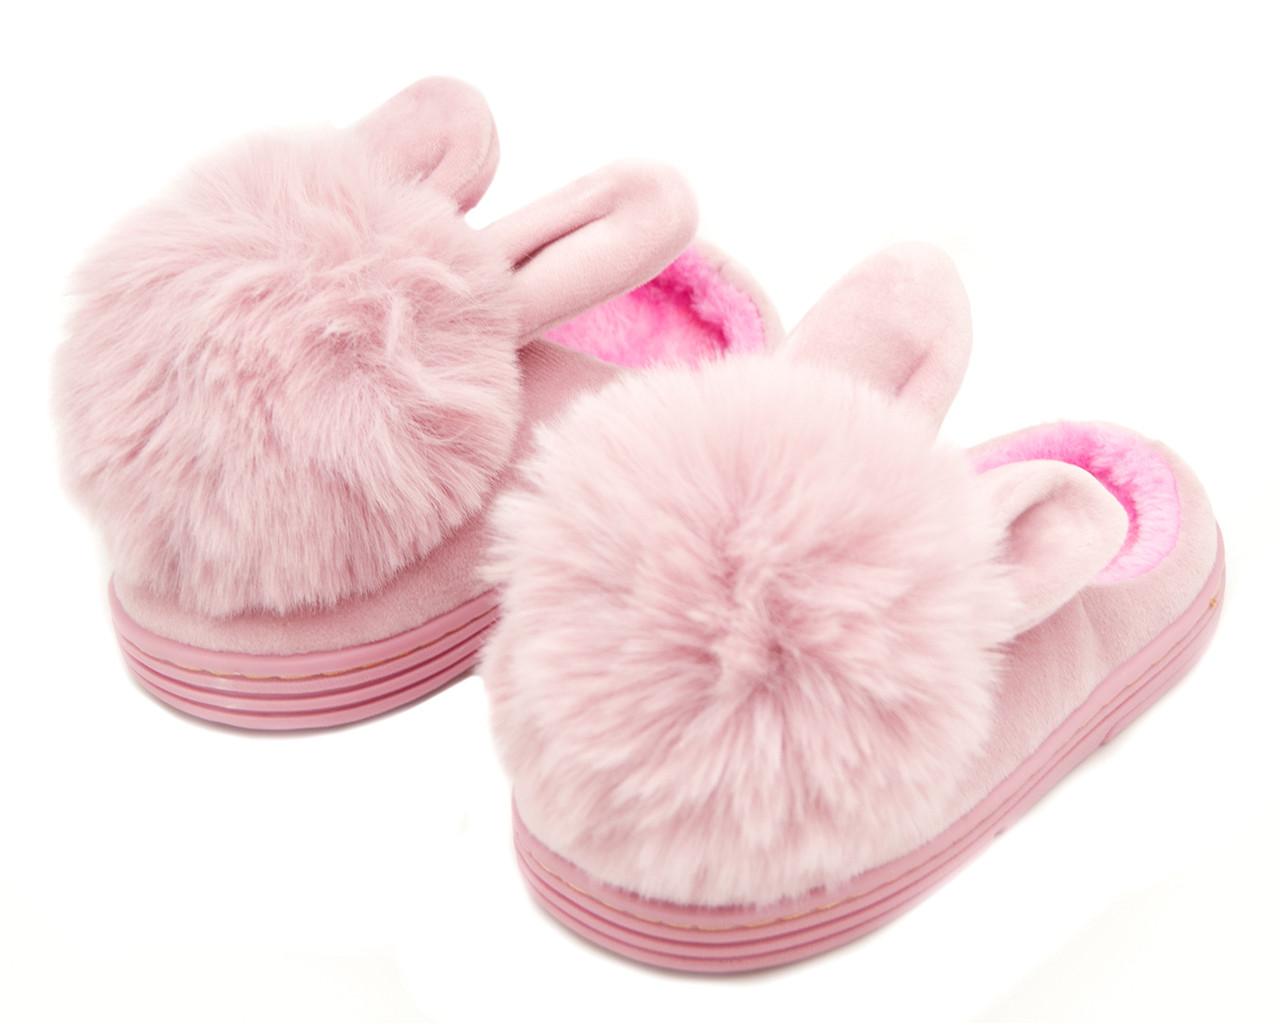 Тапочки Для девочек Розовый Размер: 25-26; 27-28; 29-30; 33-34; 35-36